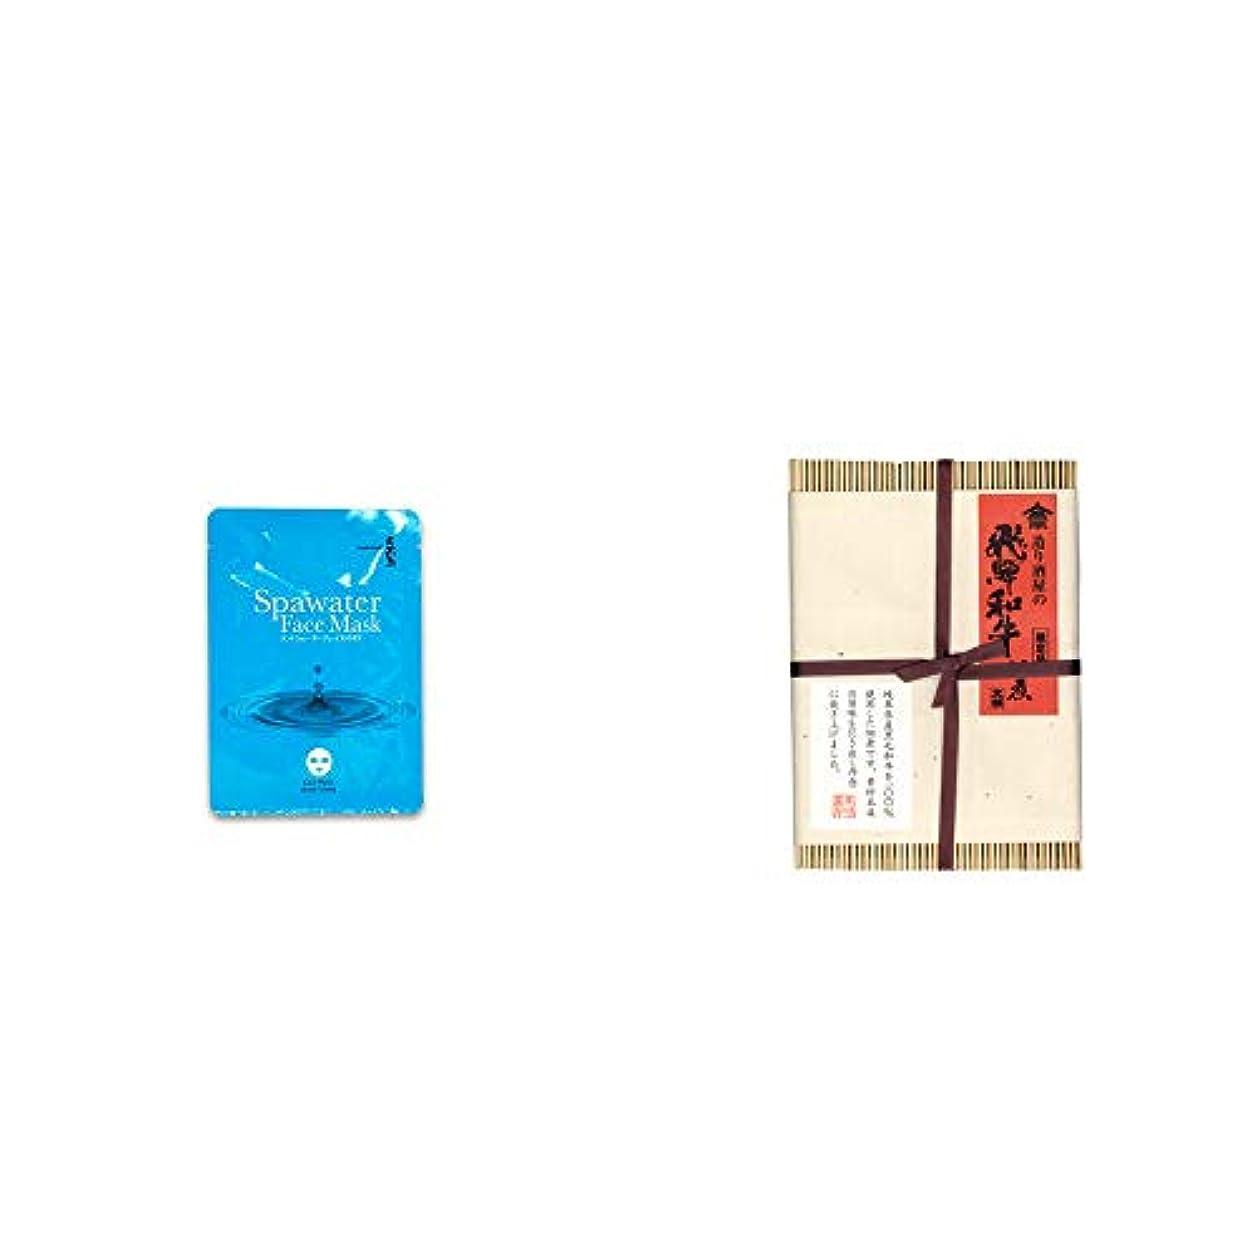 ラビリンスジャングルラボ[2点セット] ひのき炭黒泉 スパウォーターフェイスマスク(18ml×3枚入)?天領酒造 造り酒屋の飛騨和牛佃煮(100g)